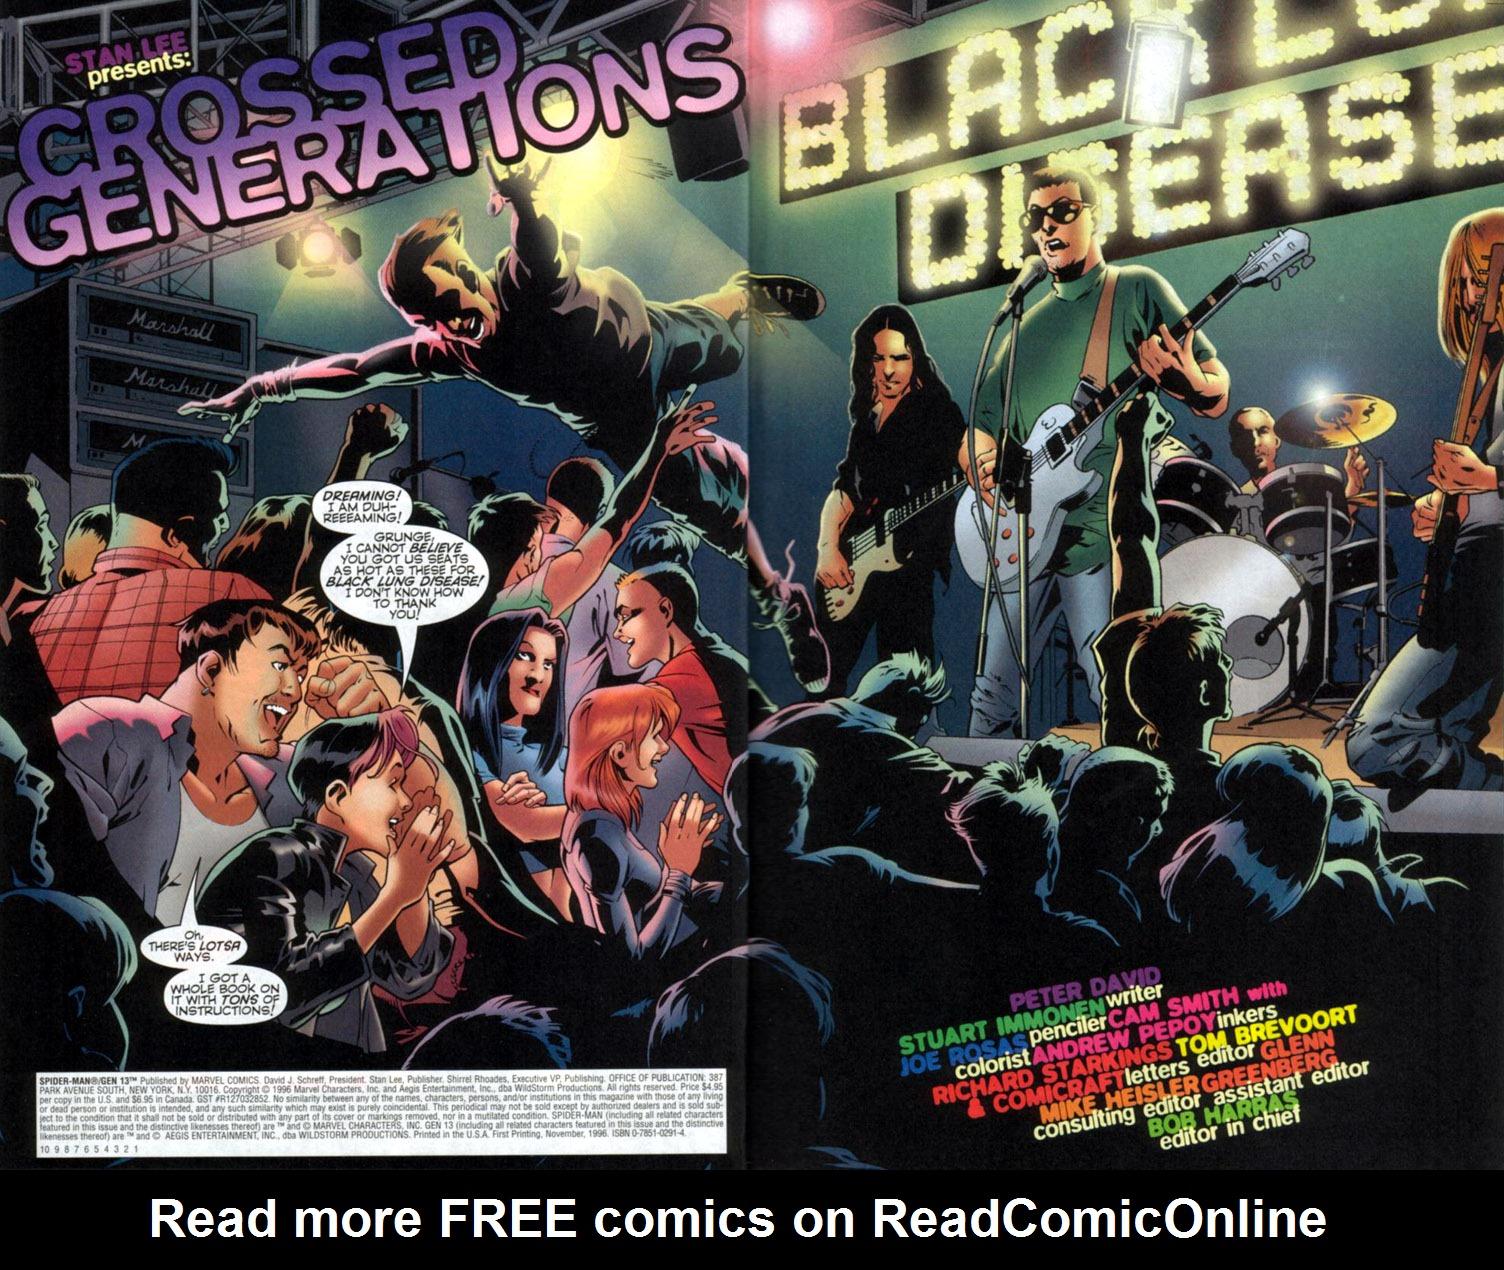 Read online Spider-Man/Gen13 comic -  Issue # Full - 4